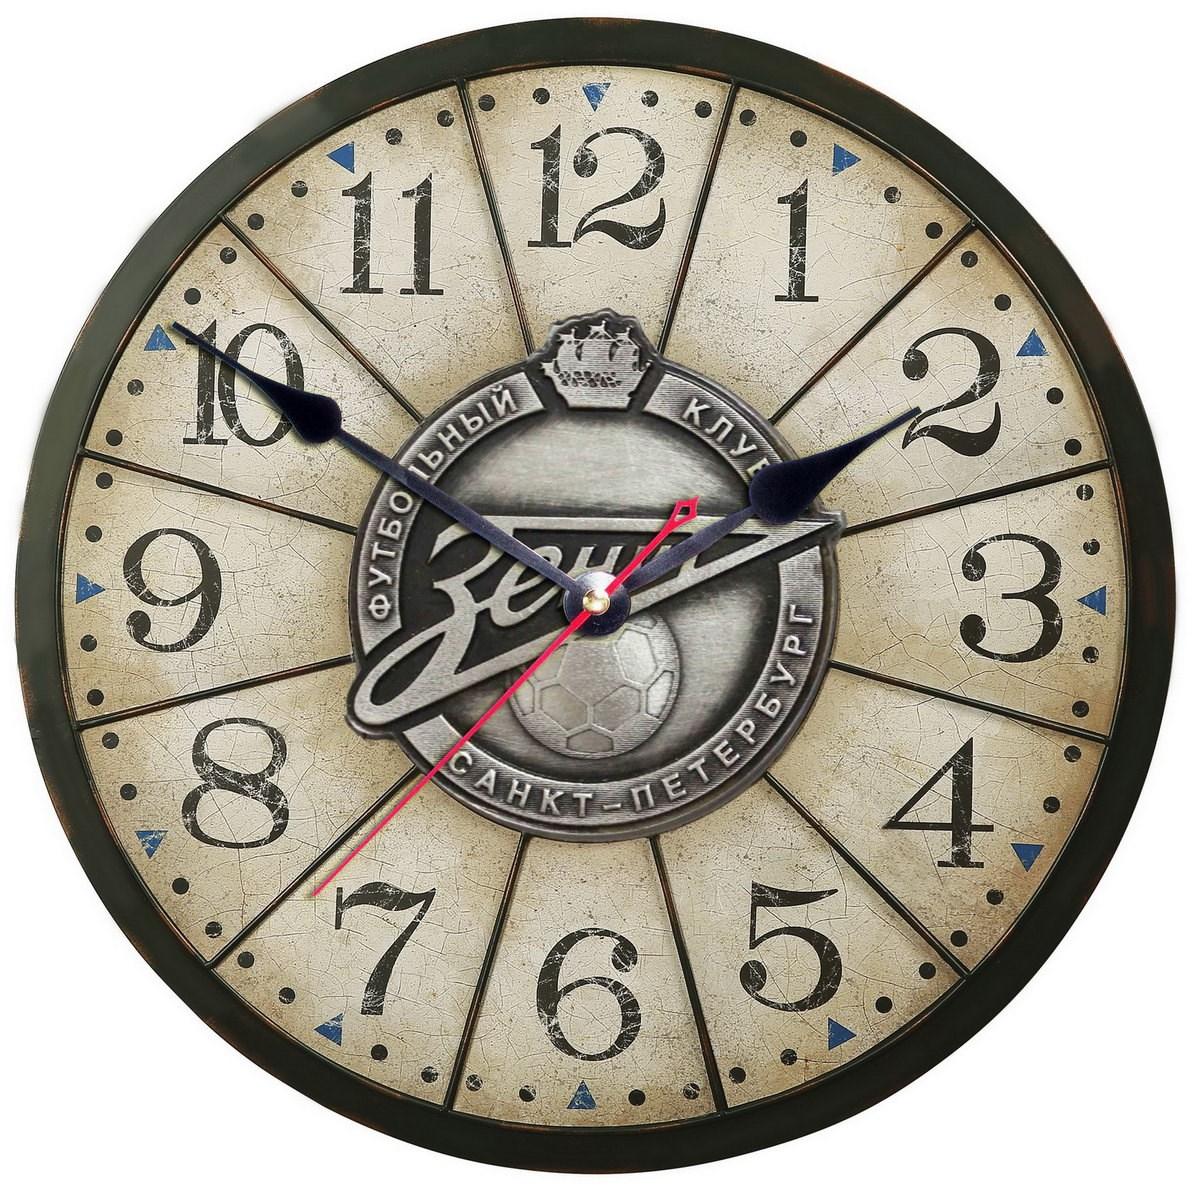 Подарки часы с символикой купить копия часов ориент